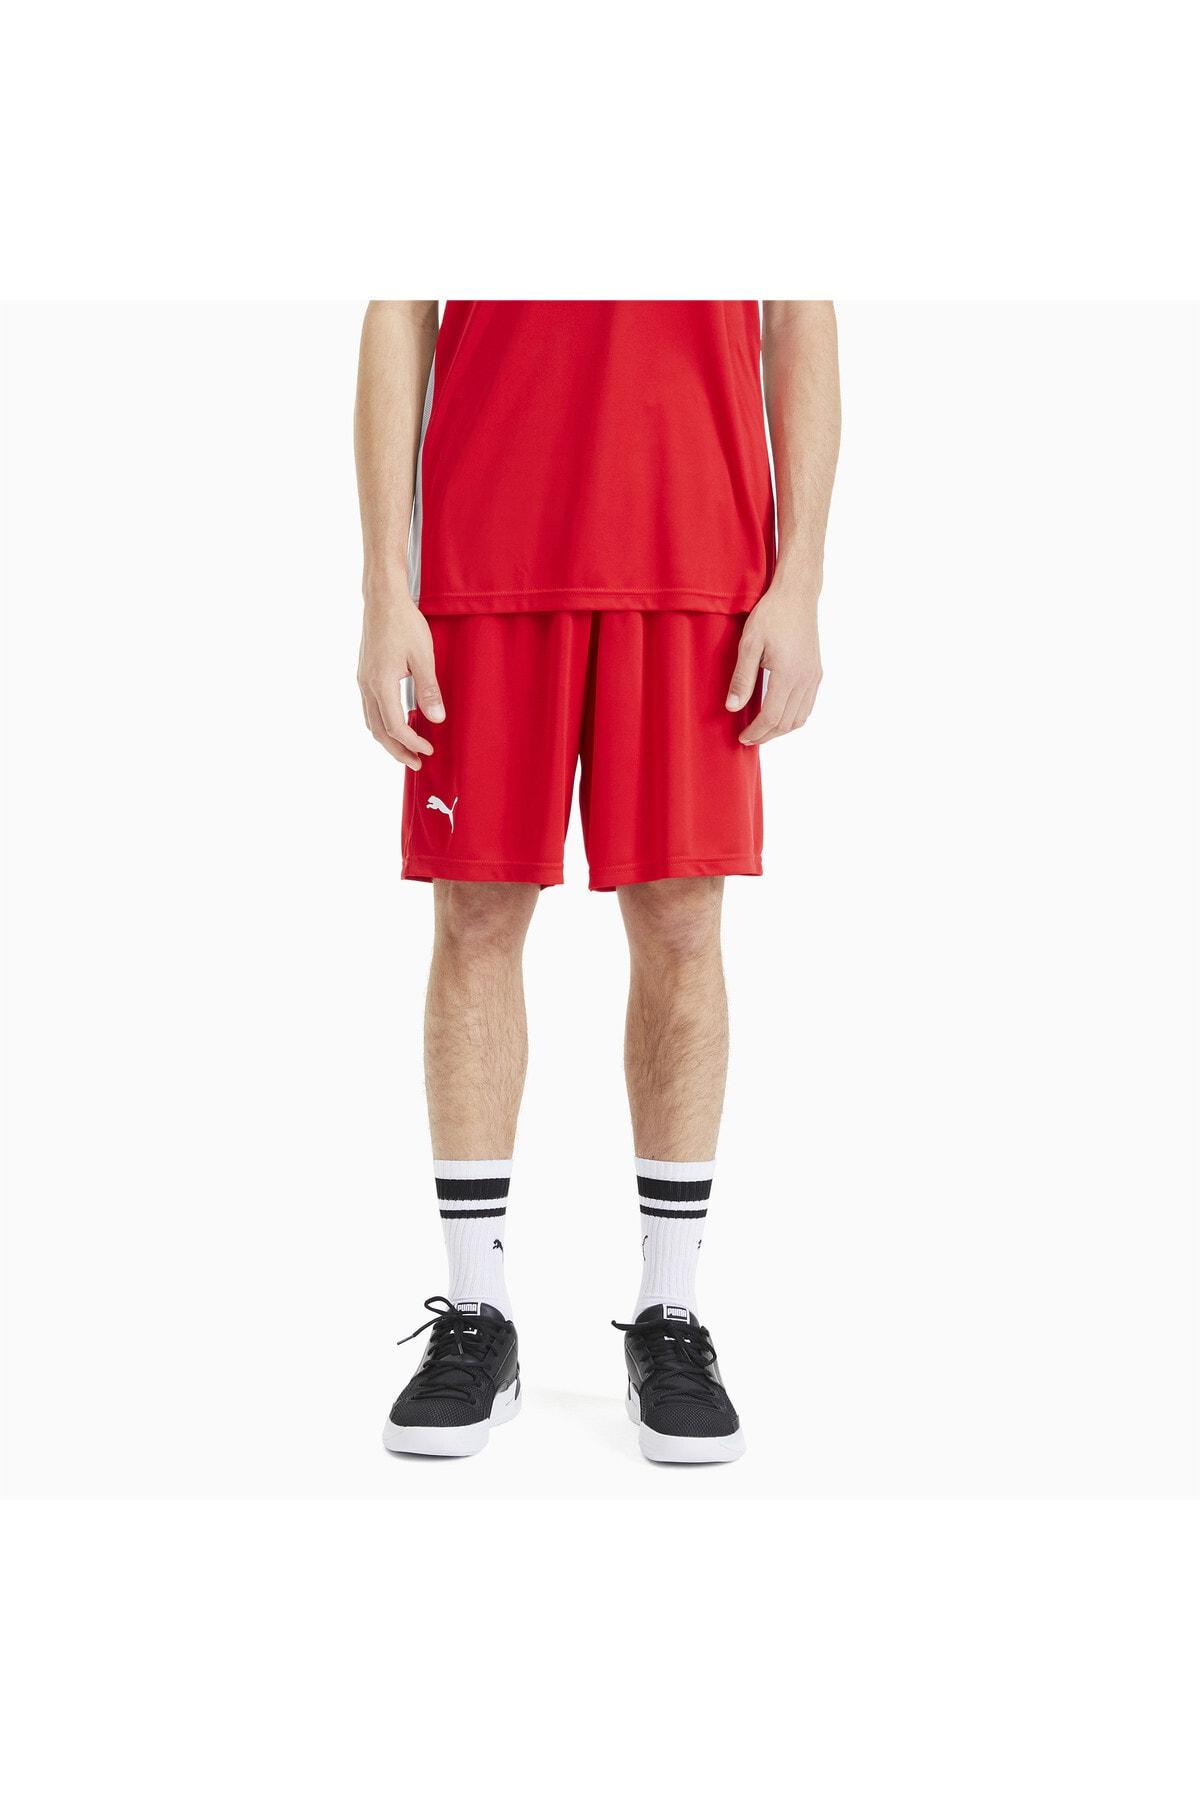 Puma Basketball Game Erkek Şort